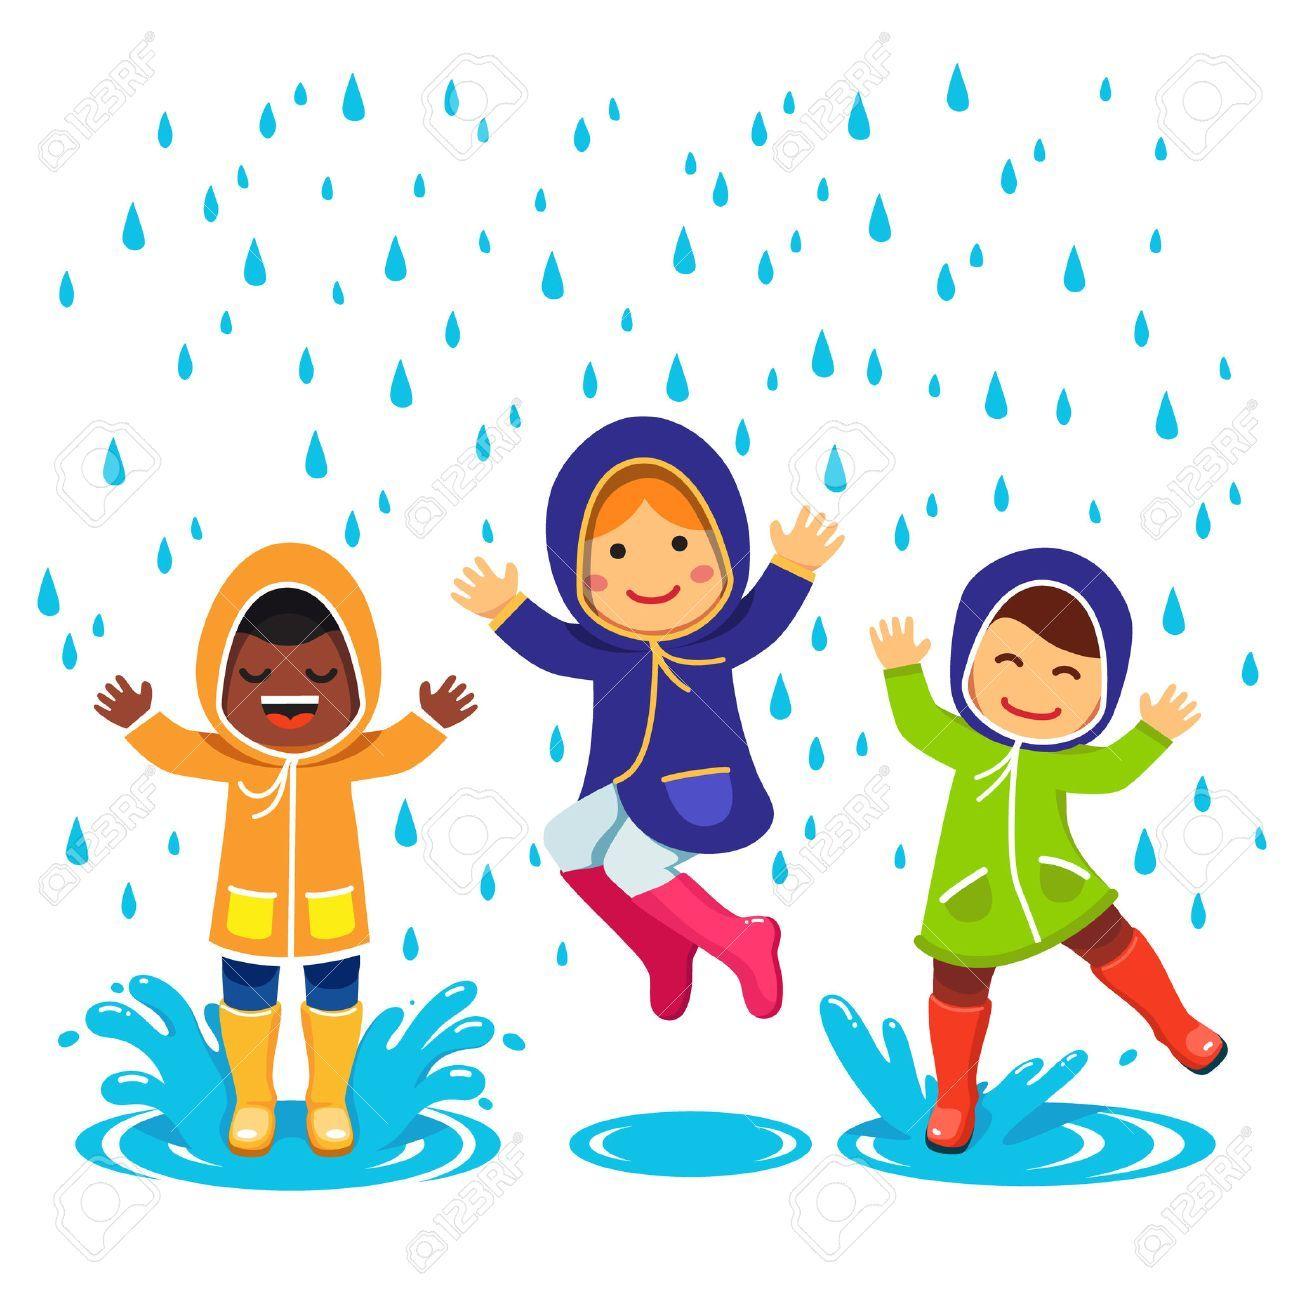 Pin By Harinala On A P R I L 2018 Cartoon Illustration Rainy Day